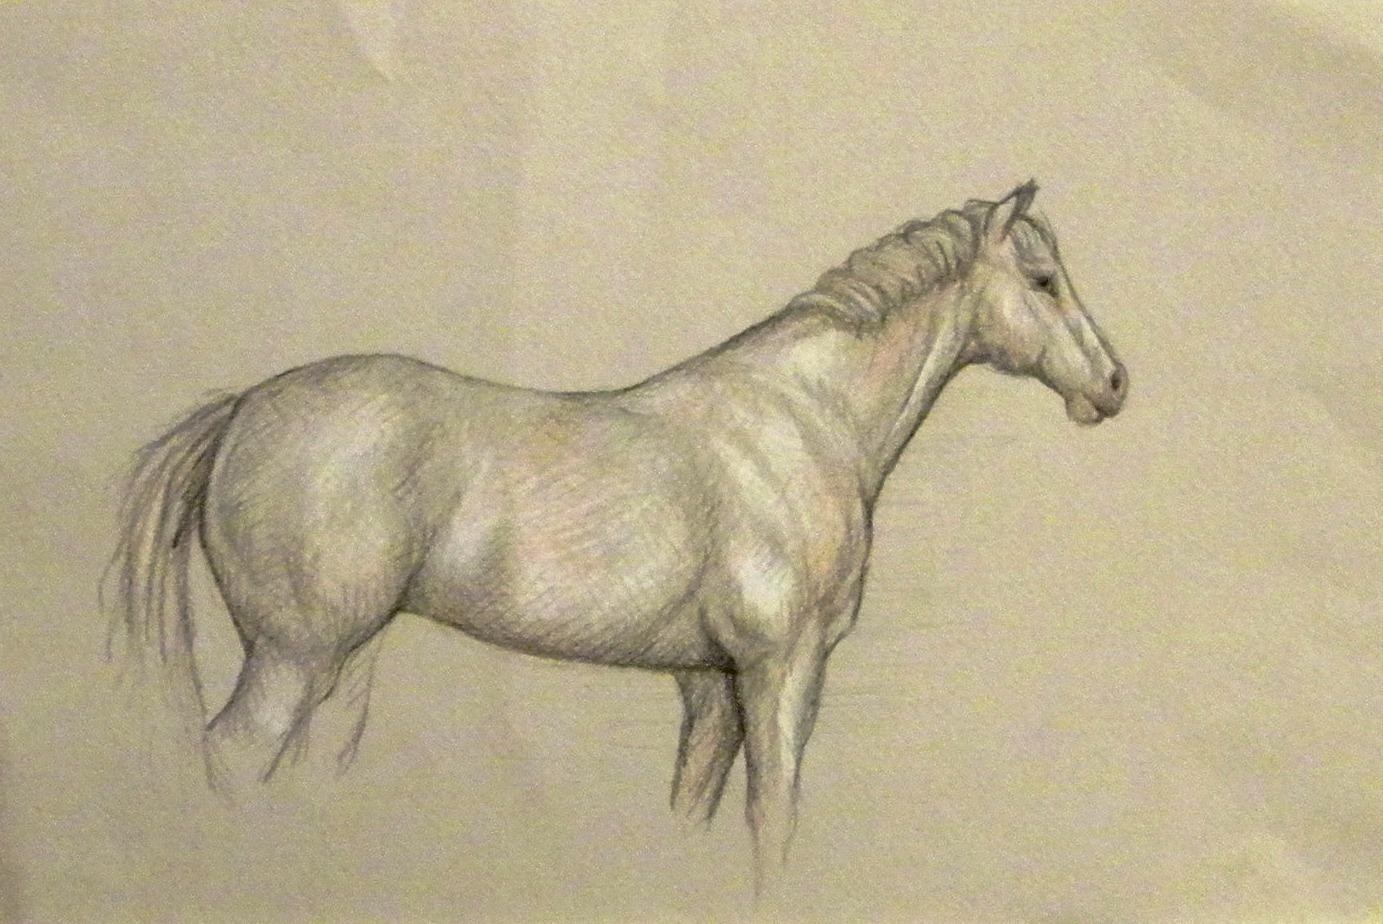 Dipinti disegni copie e rivisitazioni dicembre 2010 for Cavallo disegno a matita